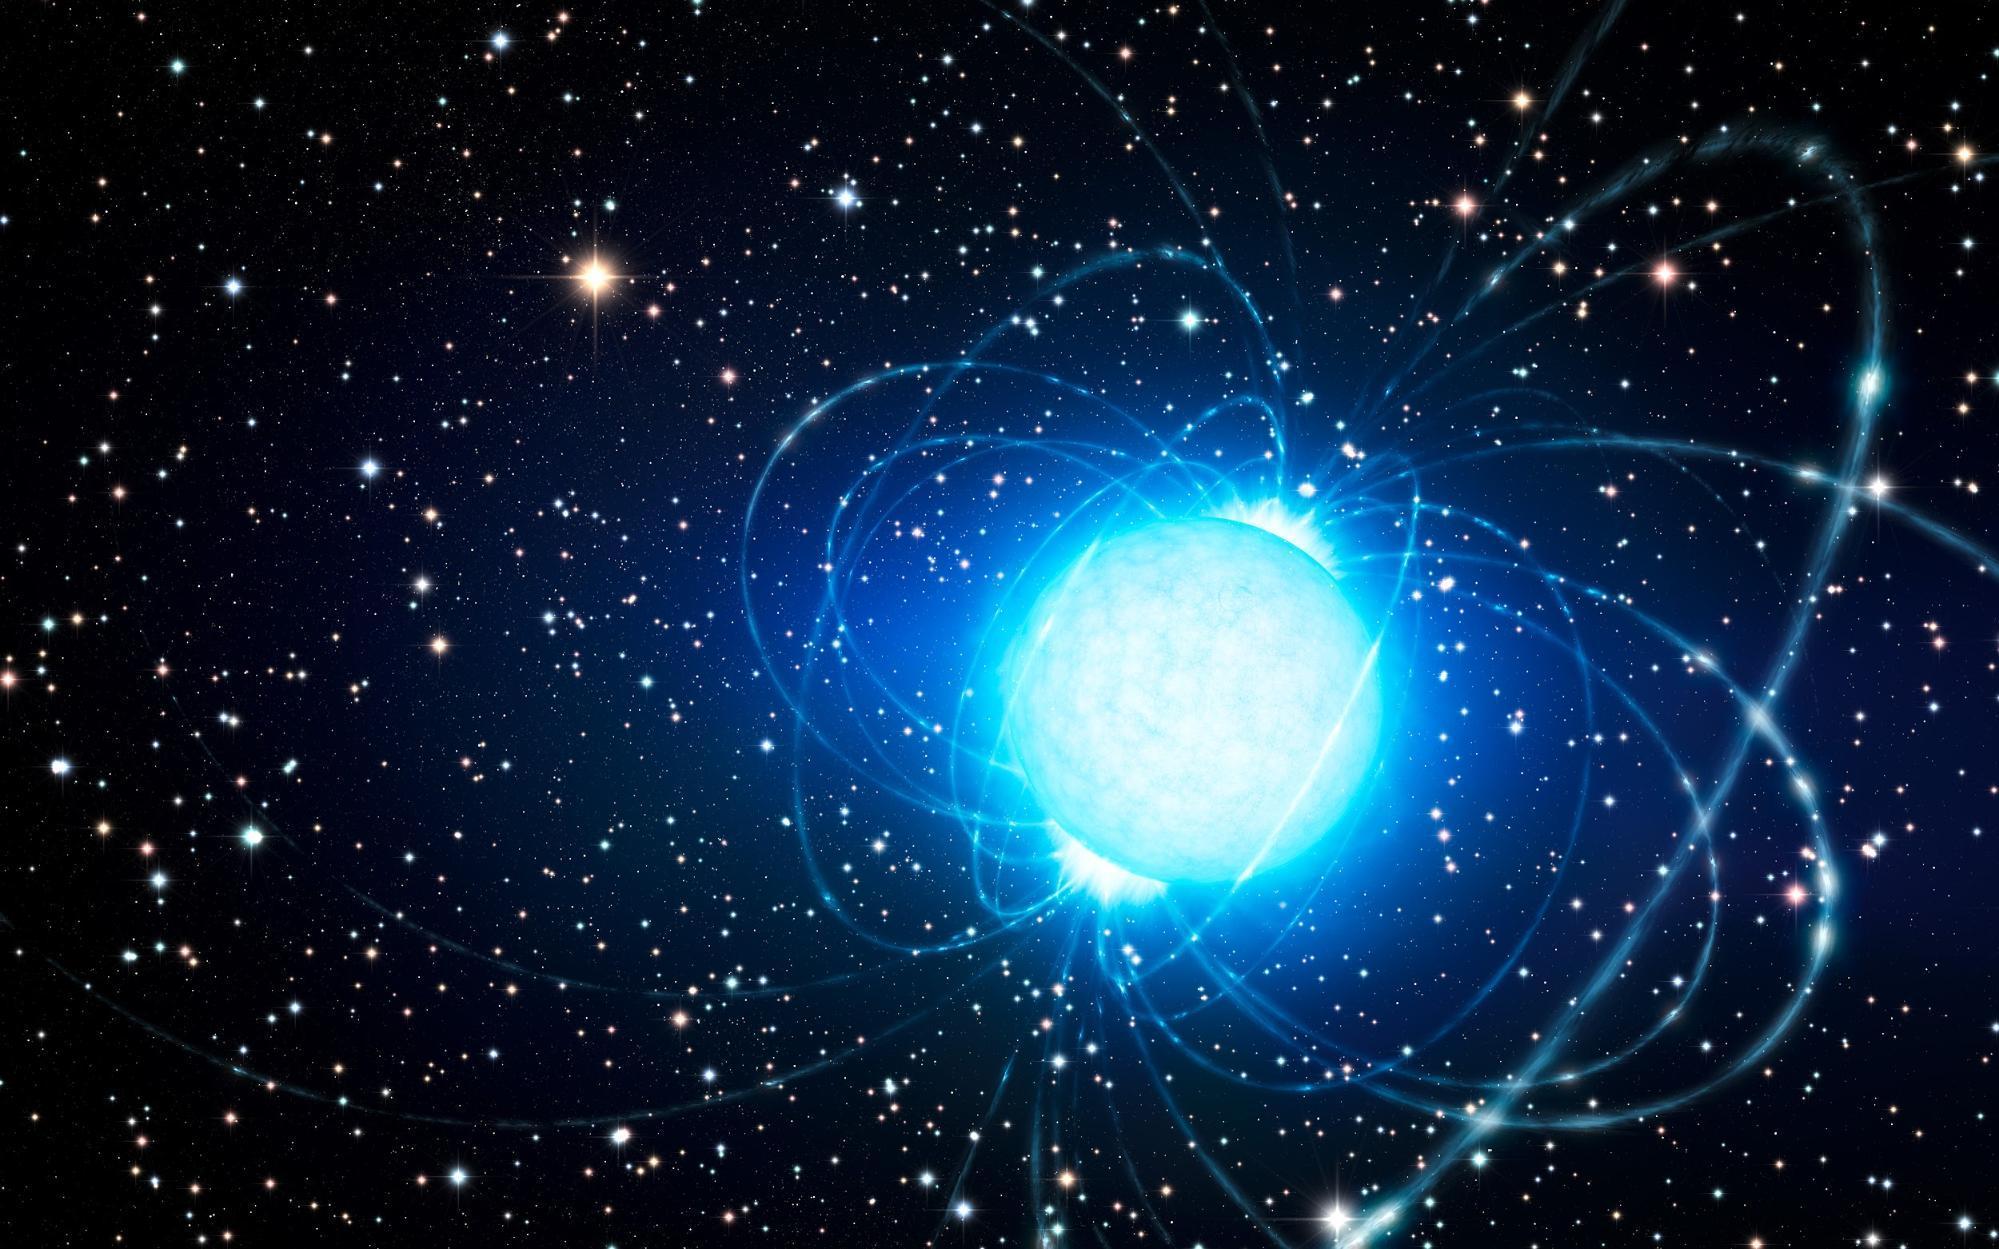 Outra possível explicação já apresentada é que as ondas são geradas por uma magnetar – estrela de neutrões com um campo magnético poderoso